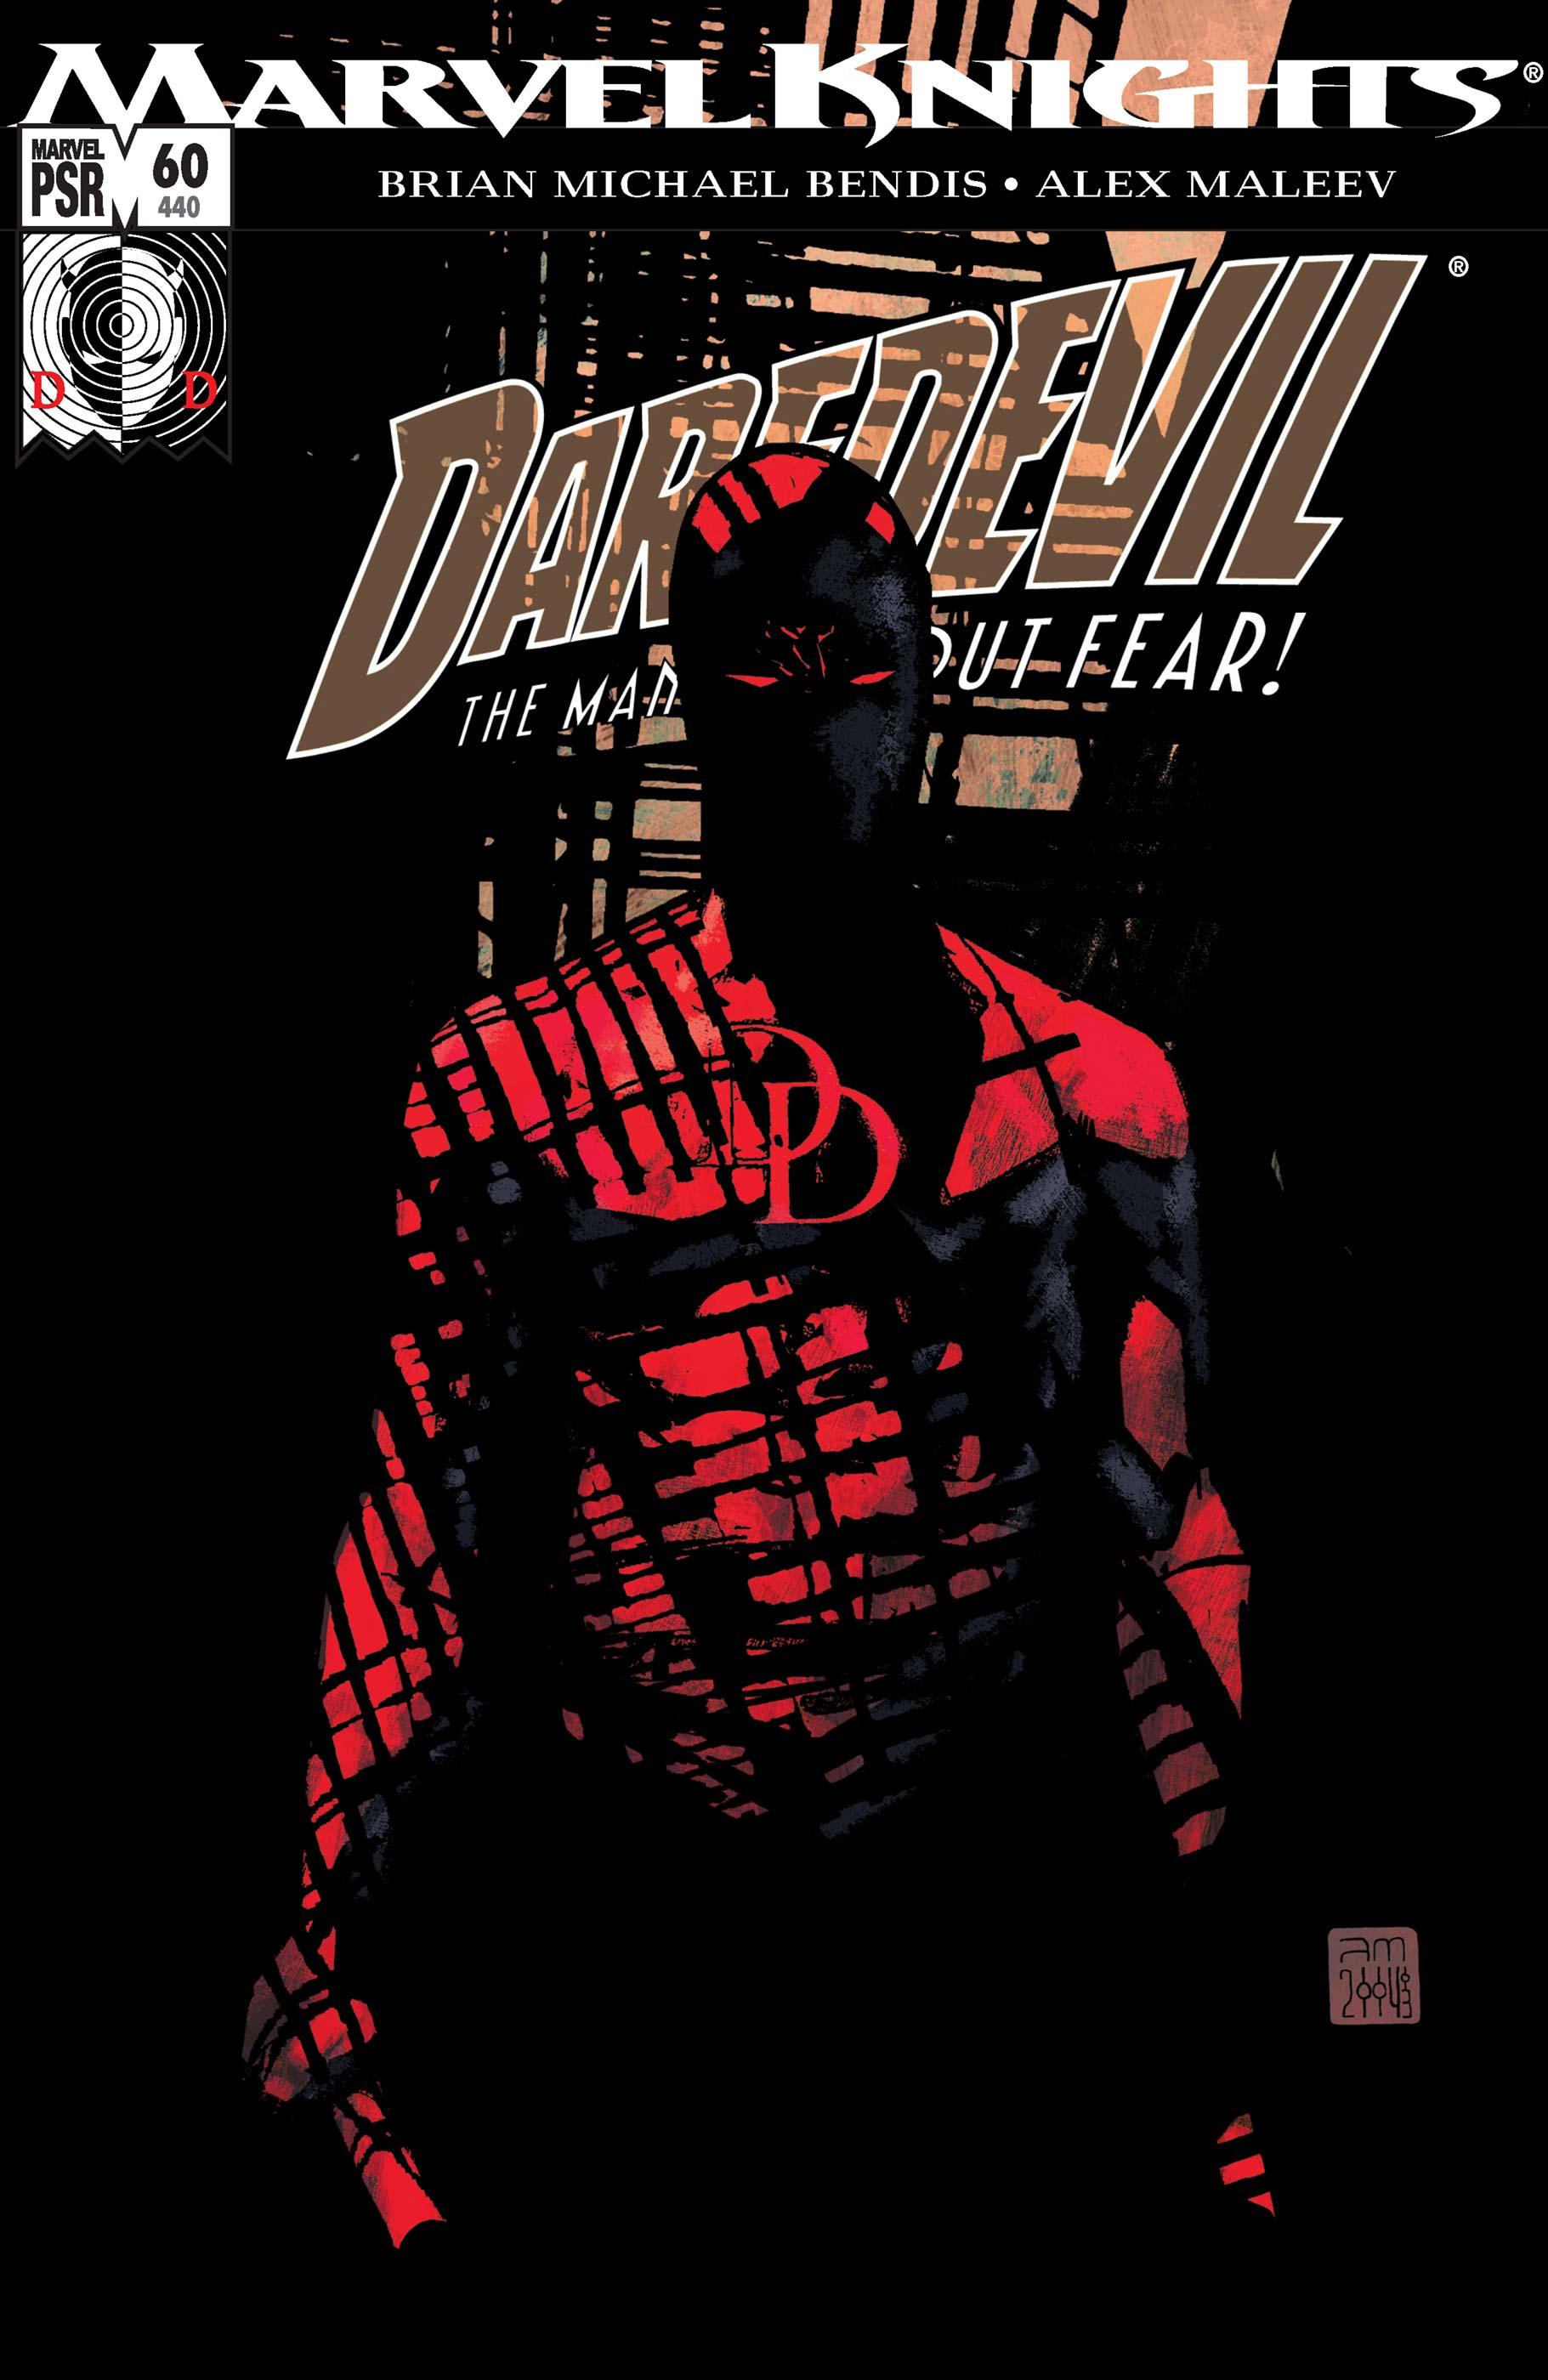 Daredevil (1998) #60